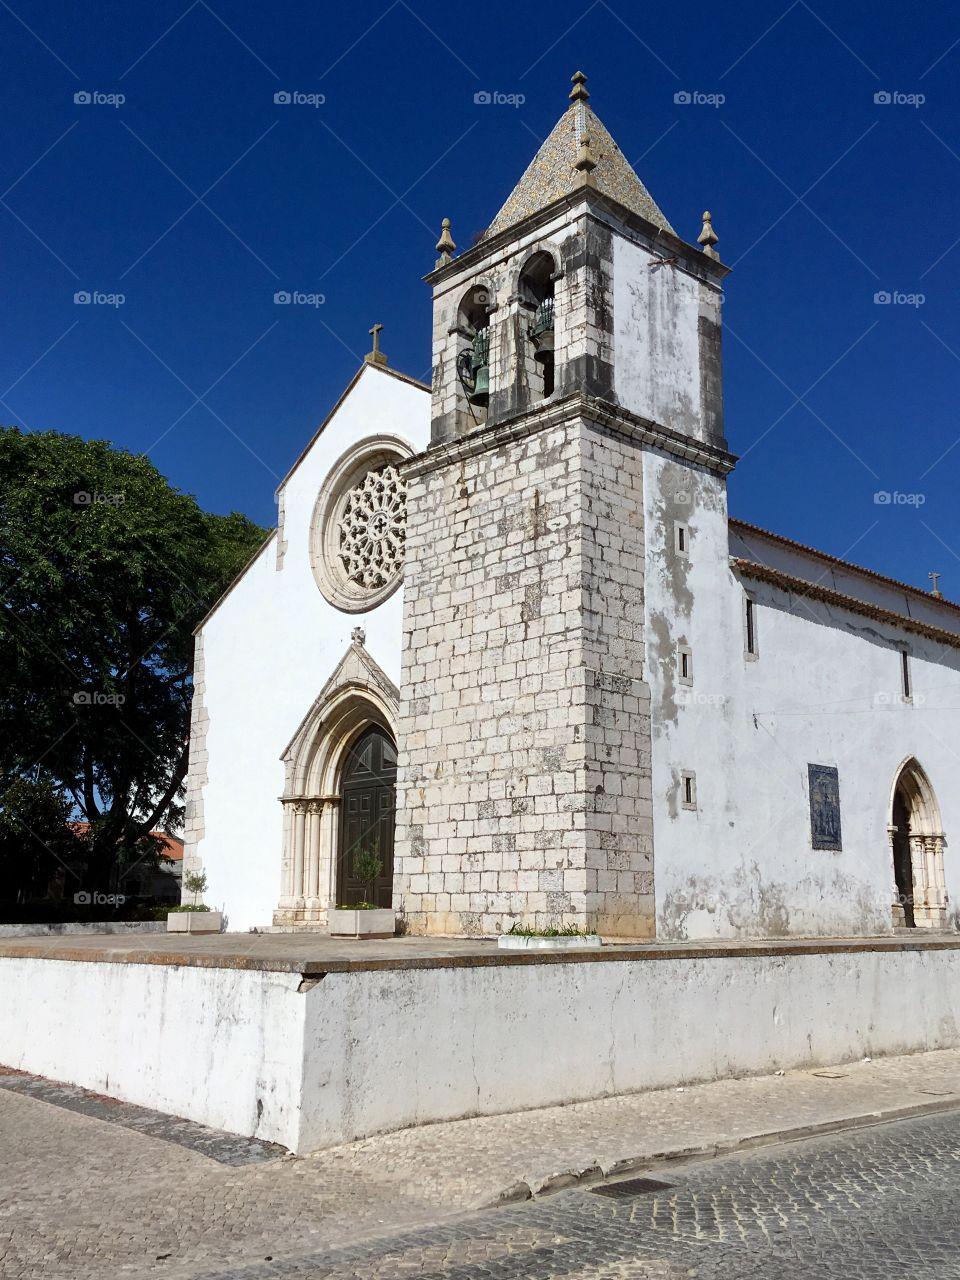 Village Church - Portugal